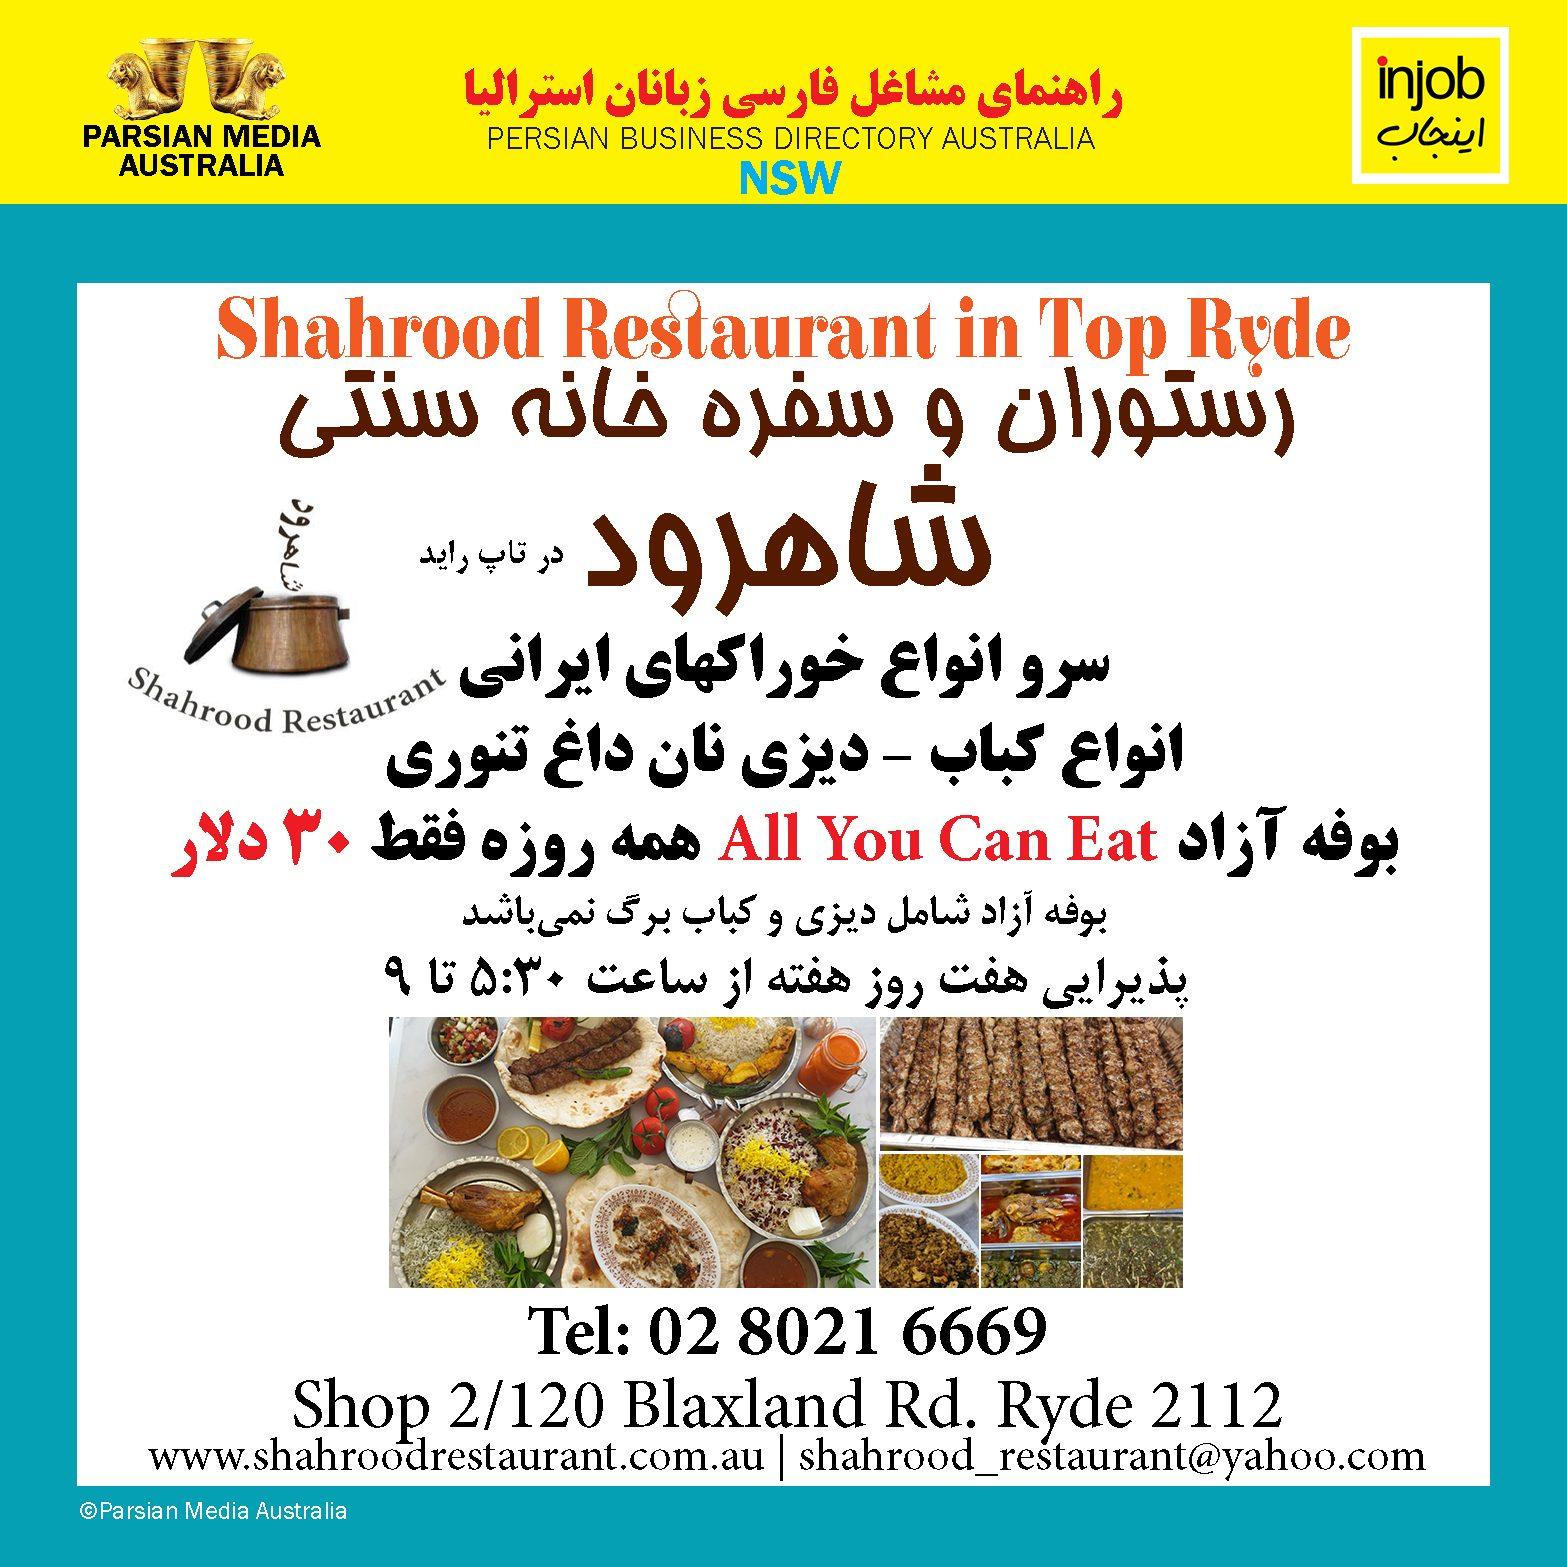 Shahrood-Restaurant-Injob 2021-2022-online2.jpg